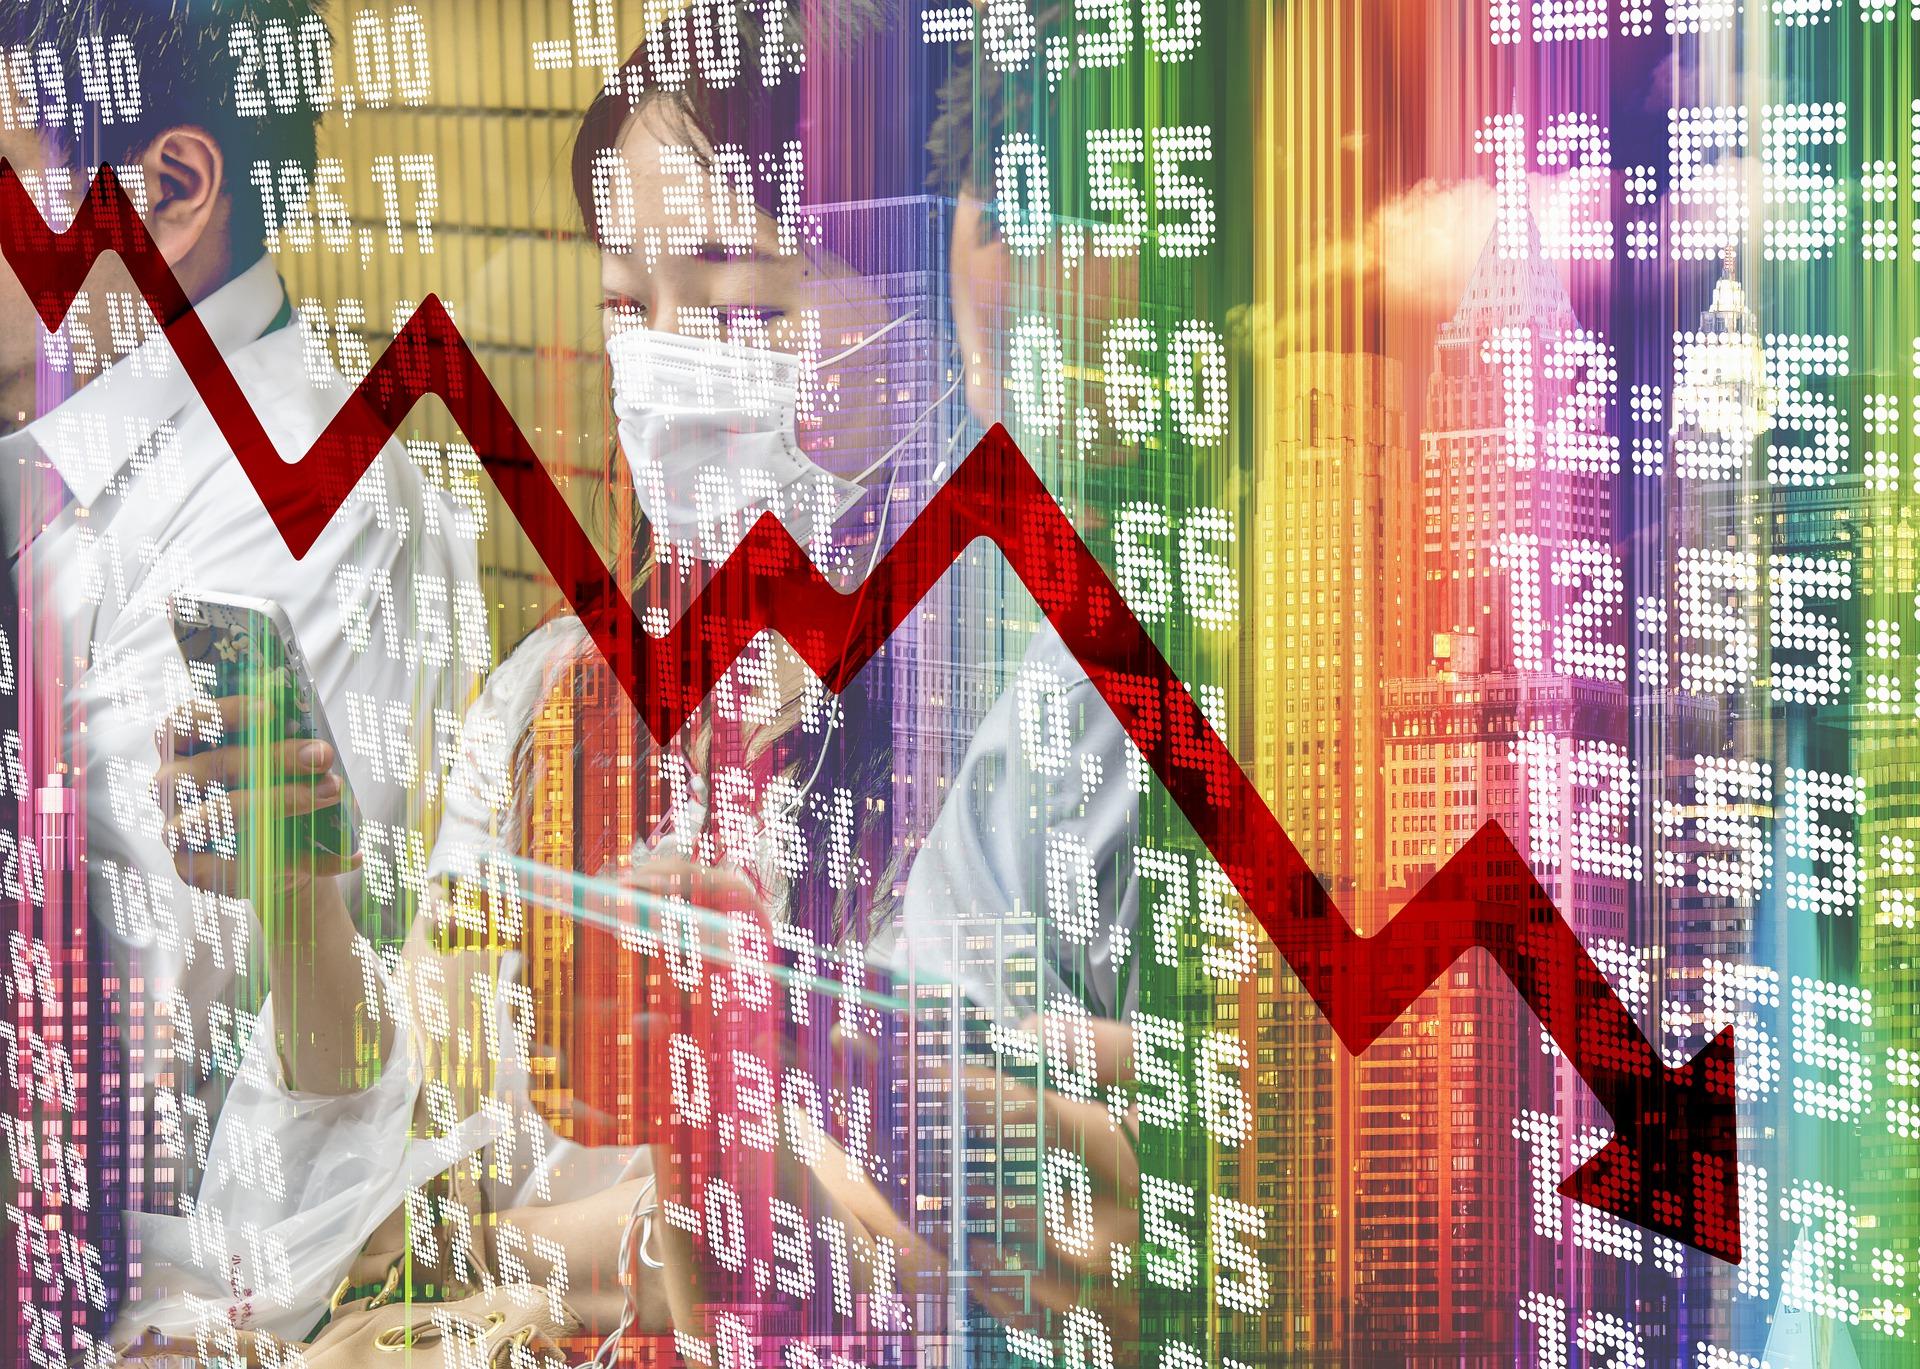 stock exchange 4880802 1920 13. Juni 2021